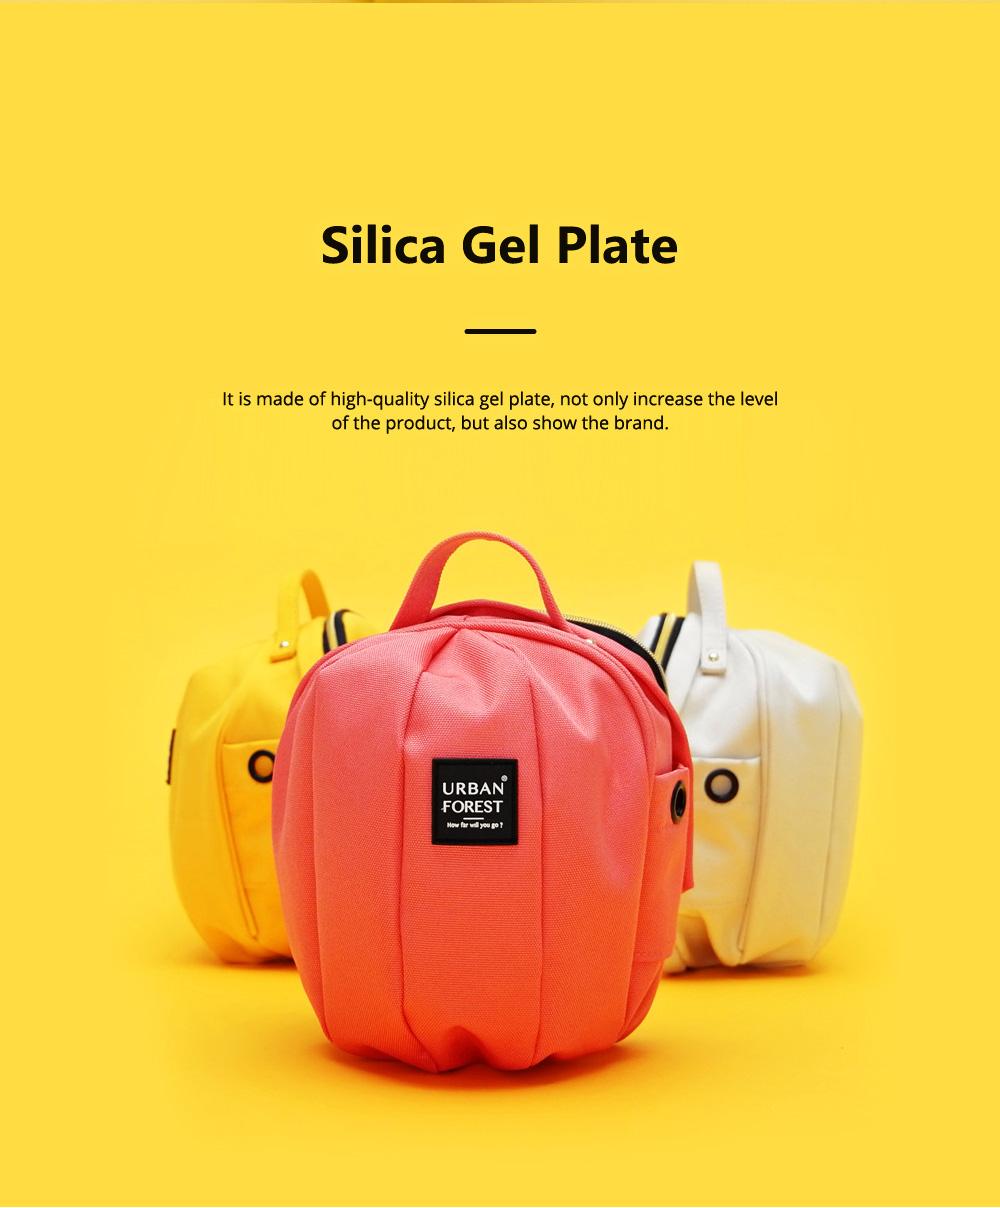 Mini Shoulder Bag for Children Small Size Large Capacity Waterproof Beatles Package Adjustable Shoulder Strap Hand Bag 7